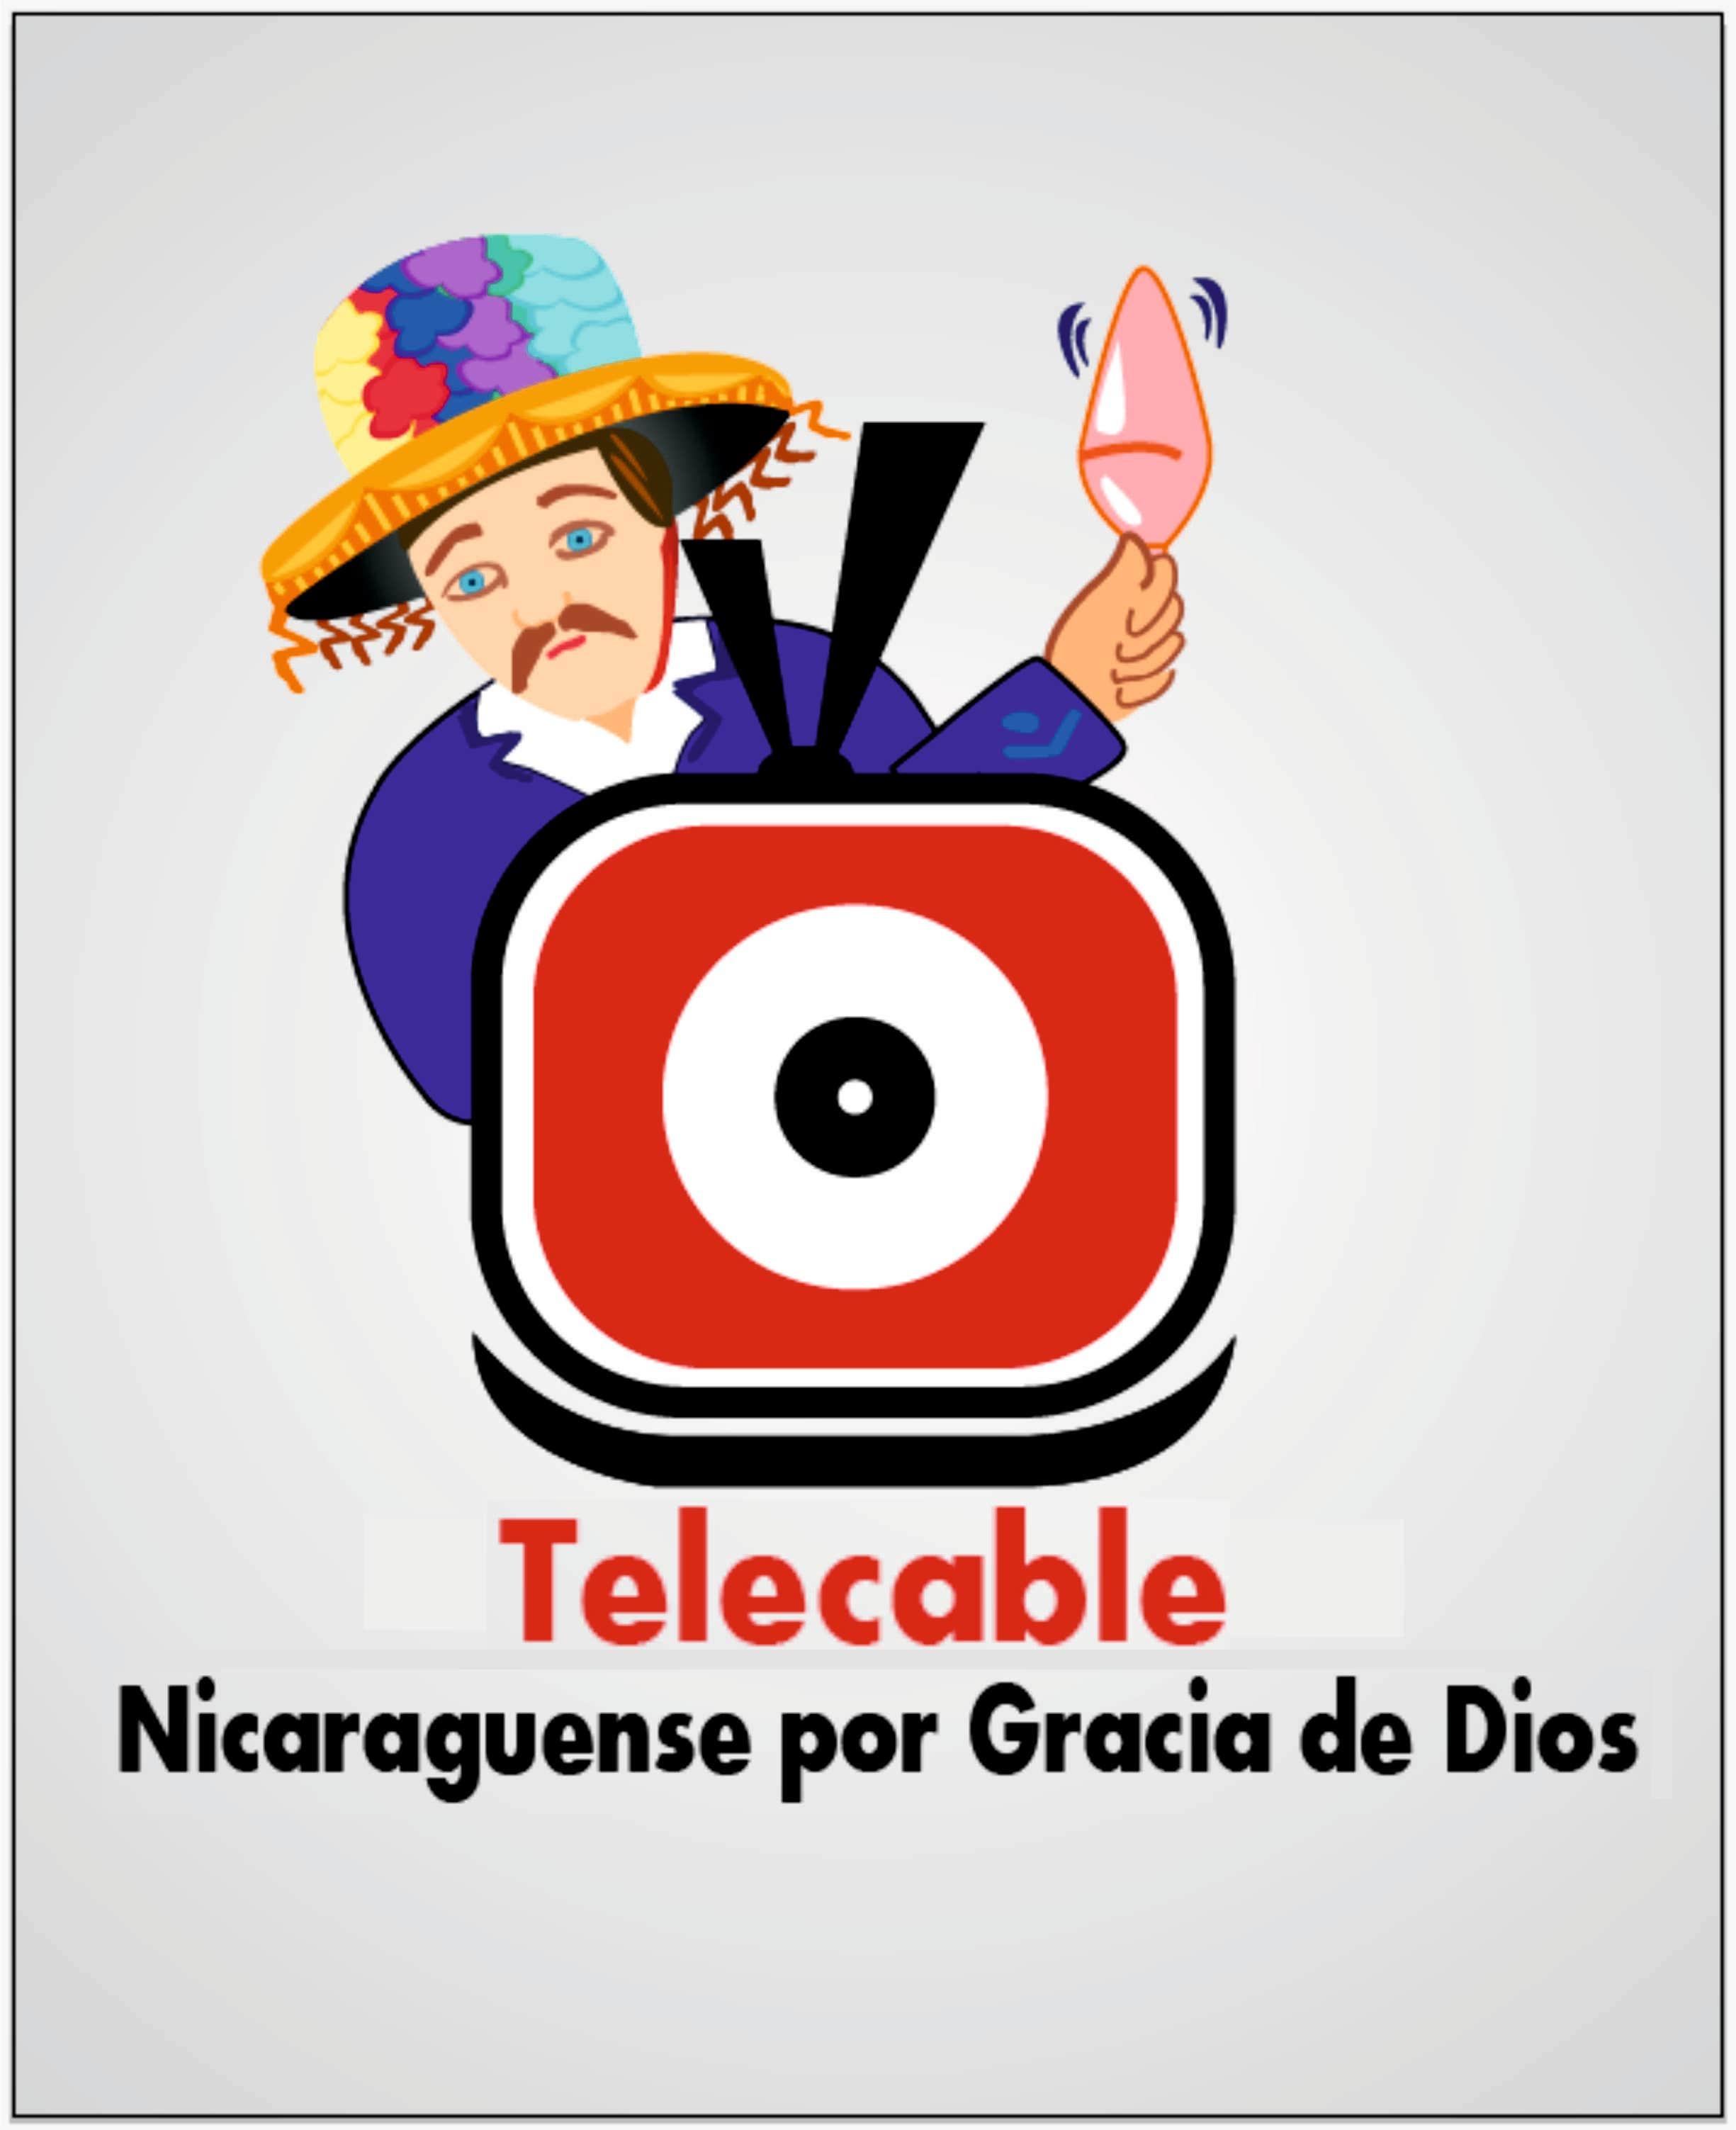 Telecable Nicaragua